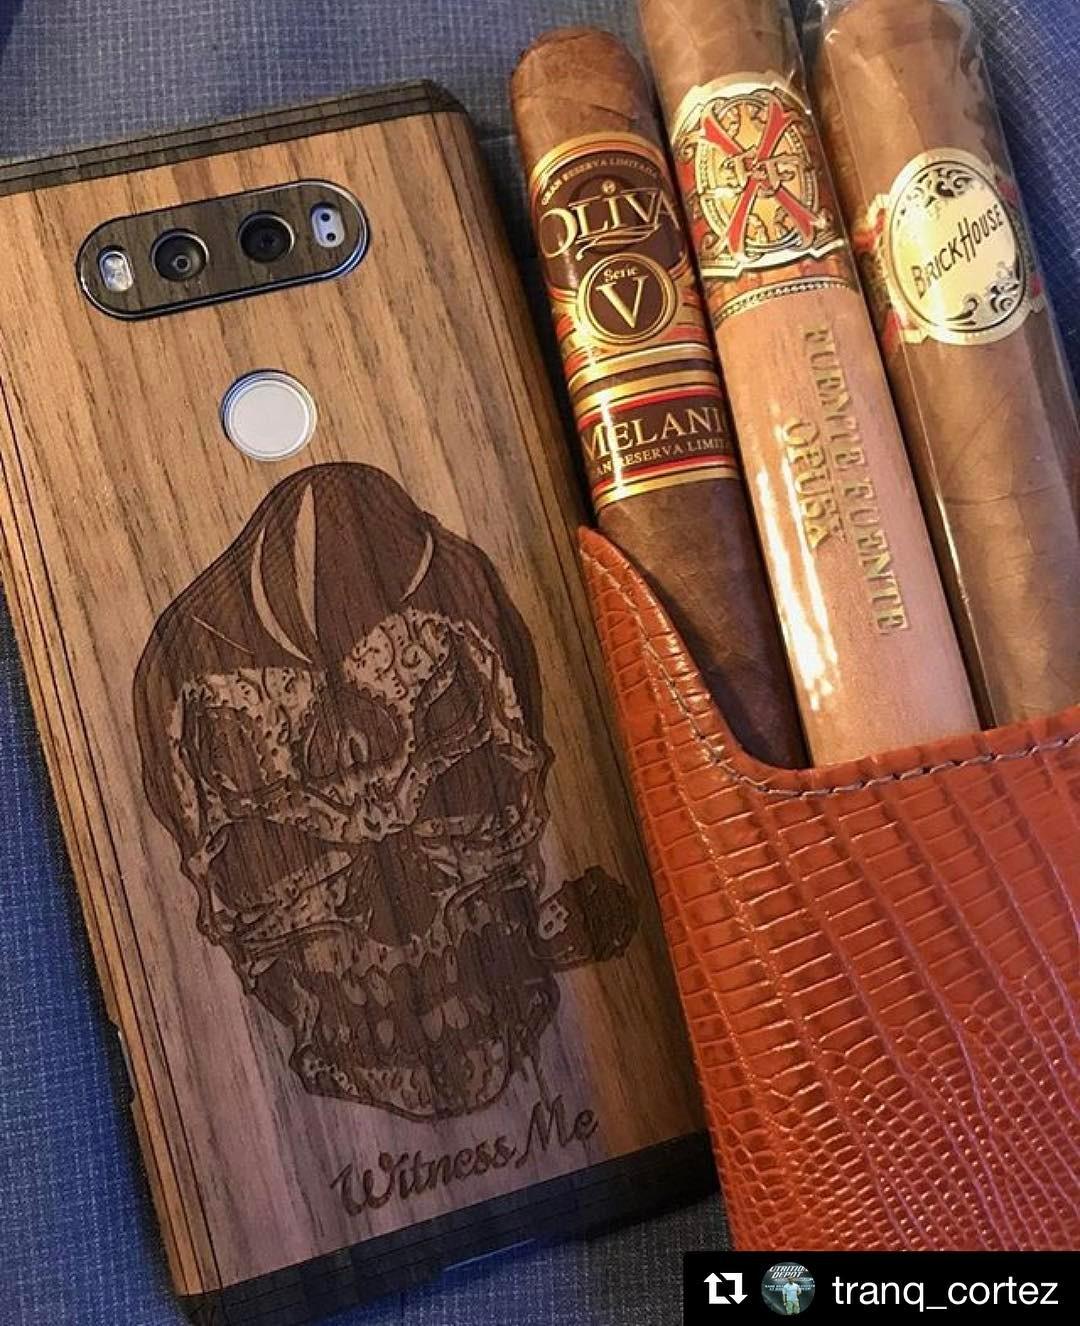 online retailer de80c da1d8 LG V20 wood cover